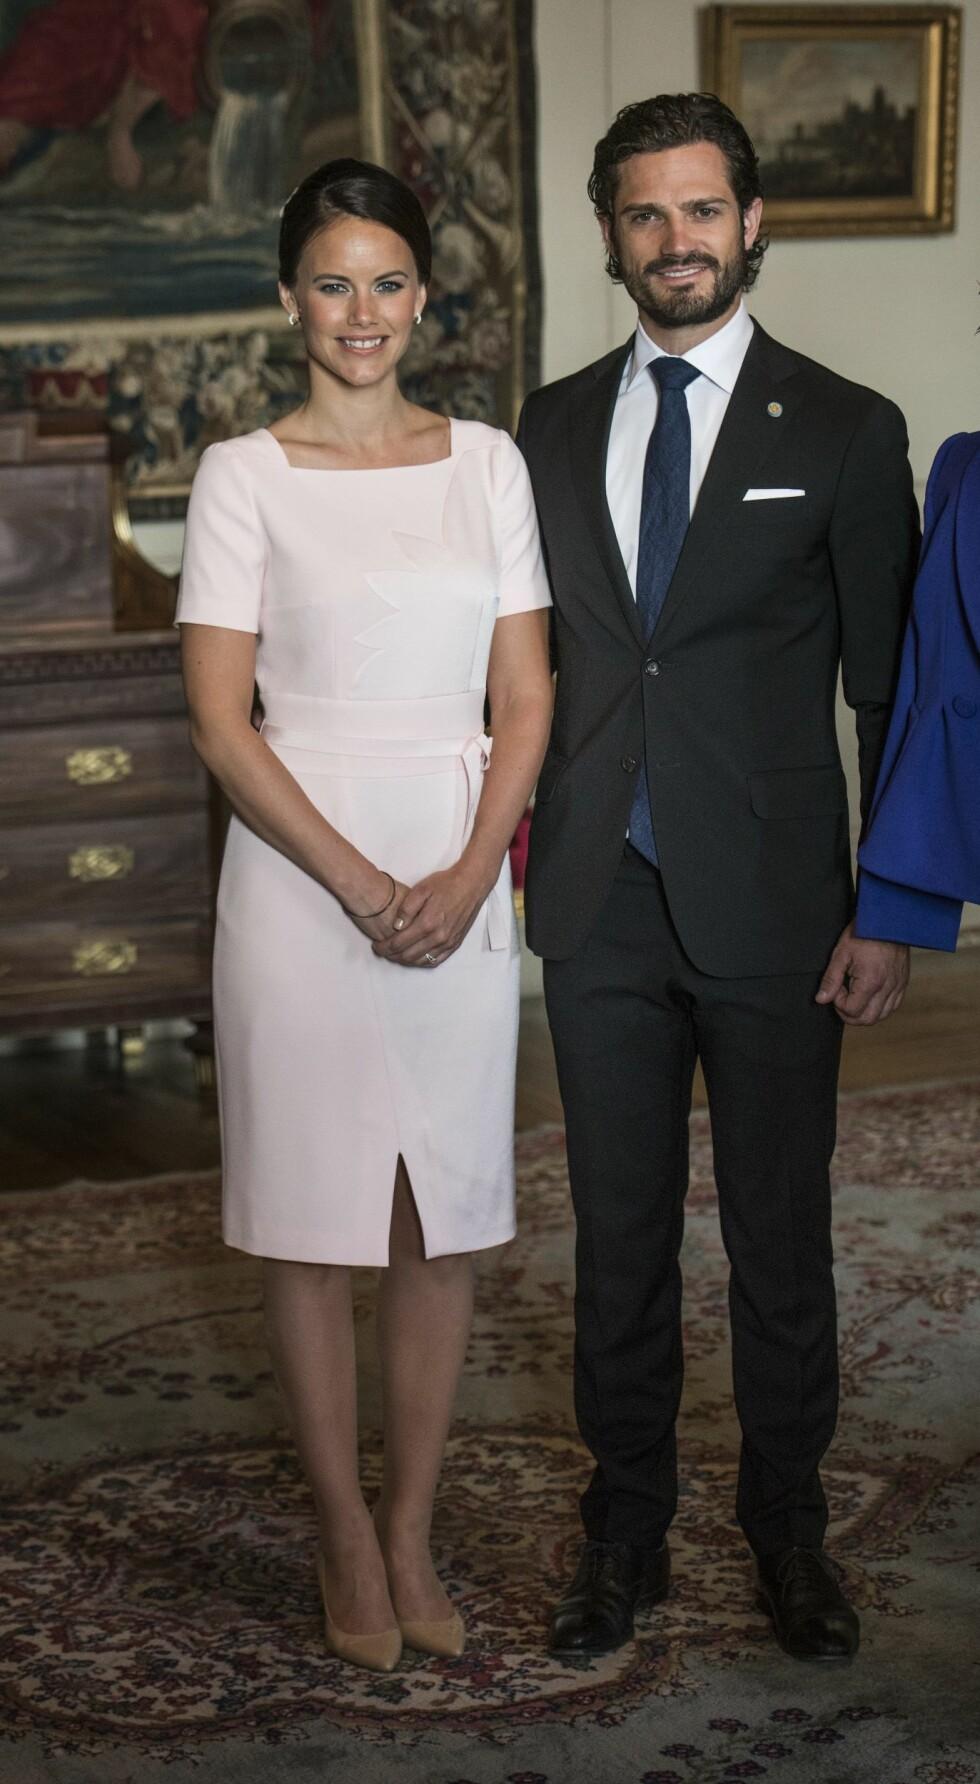 GIFTER SEG: Sofia og prins Carl Philip ser frem til å bli et ektepar. Foto: TT NYHETSBYRÅN